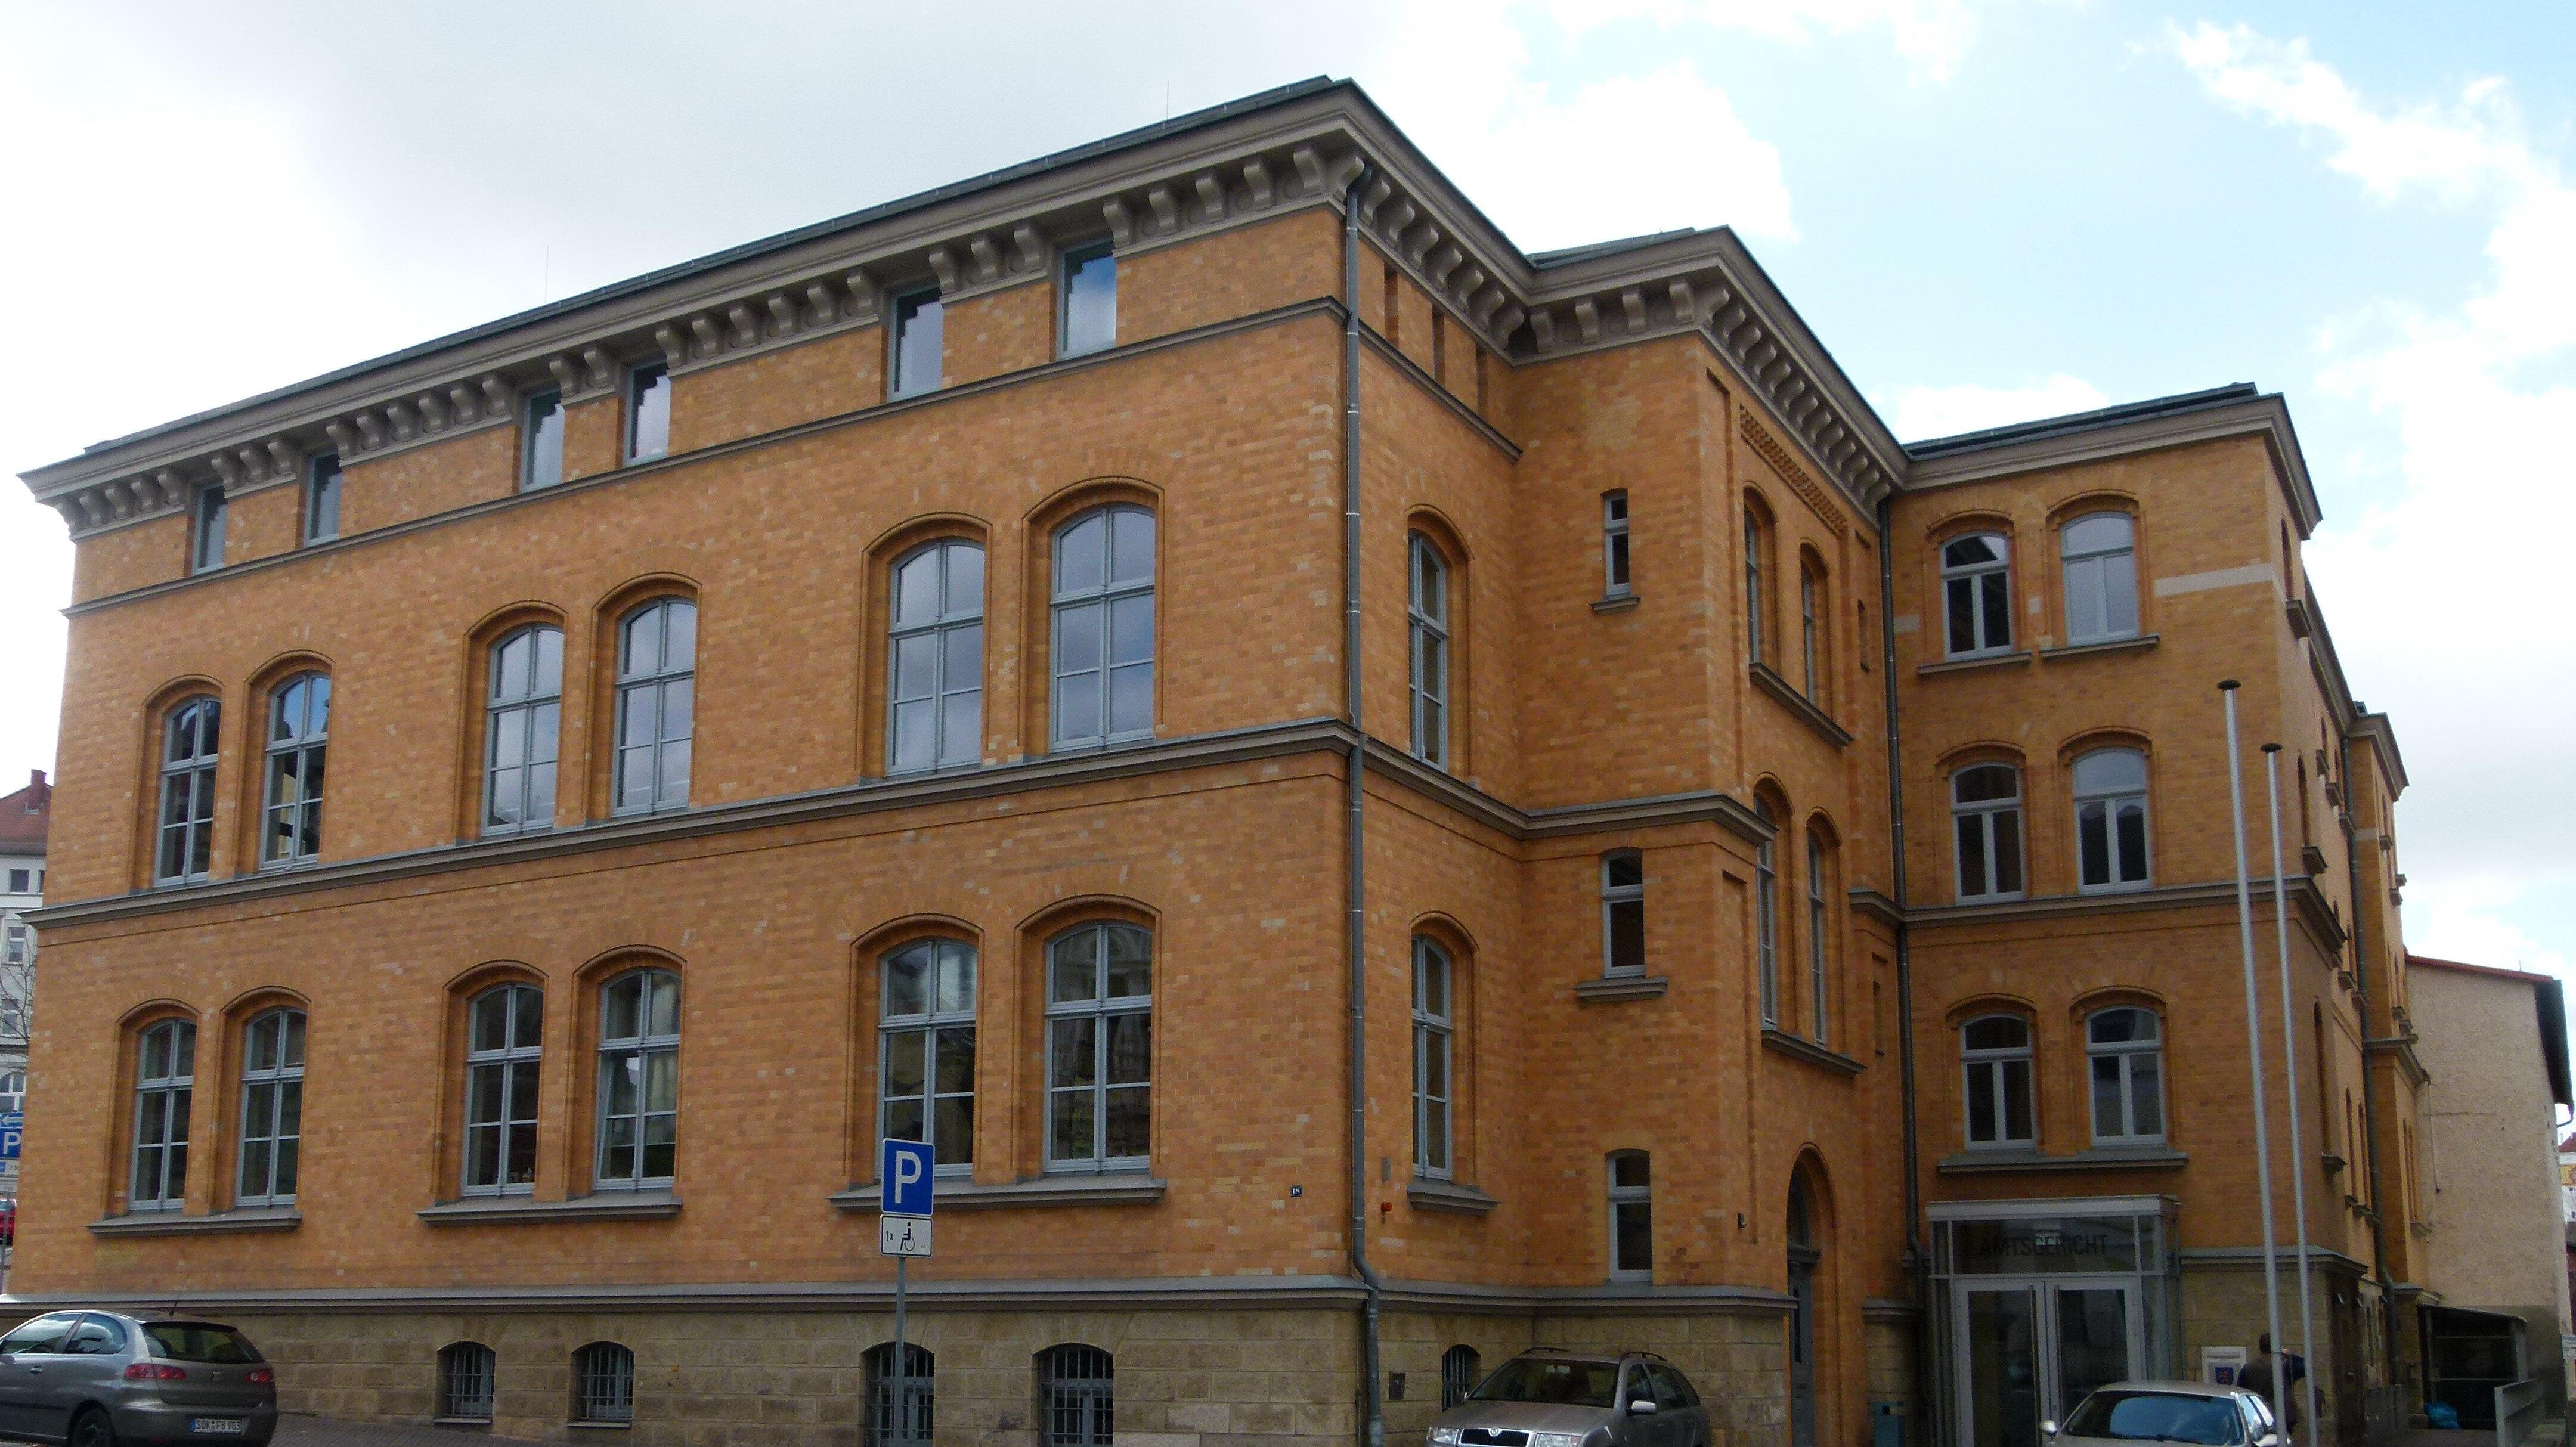 Bild: Gerichtsgebäude des Amtsgericht Pößneck